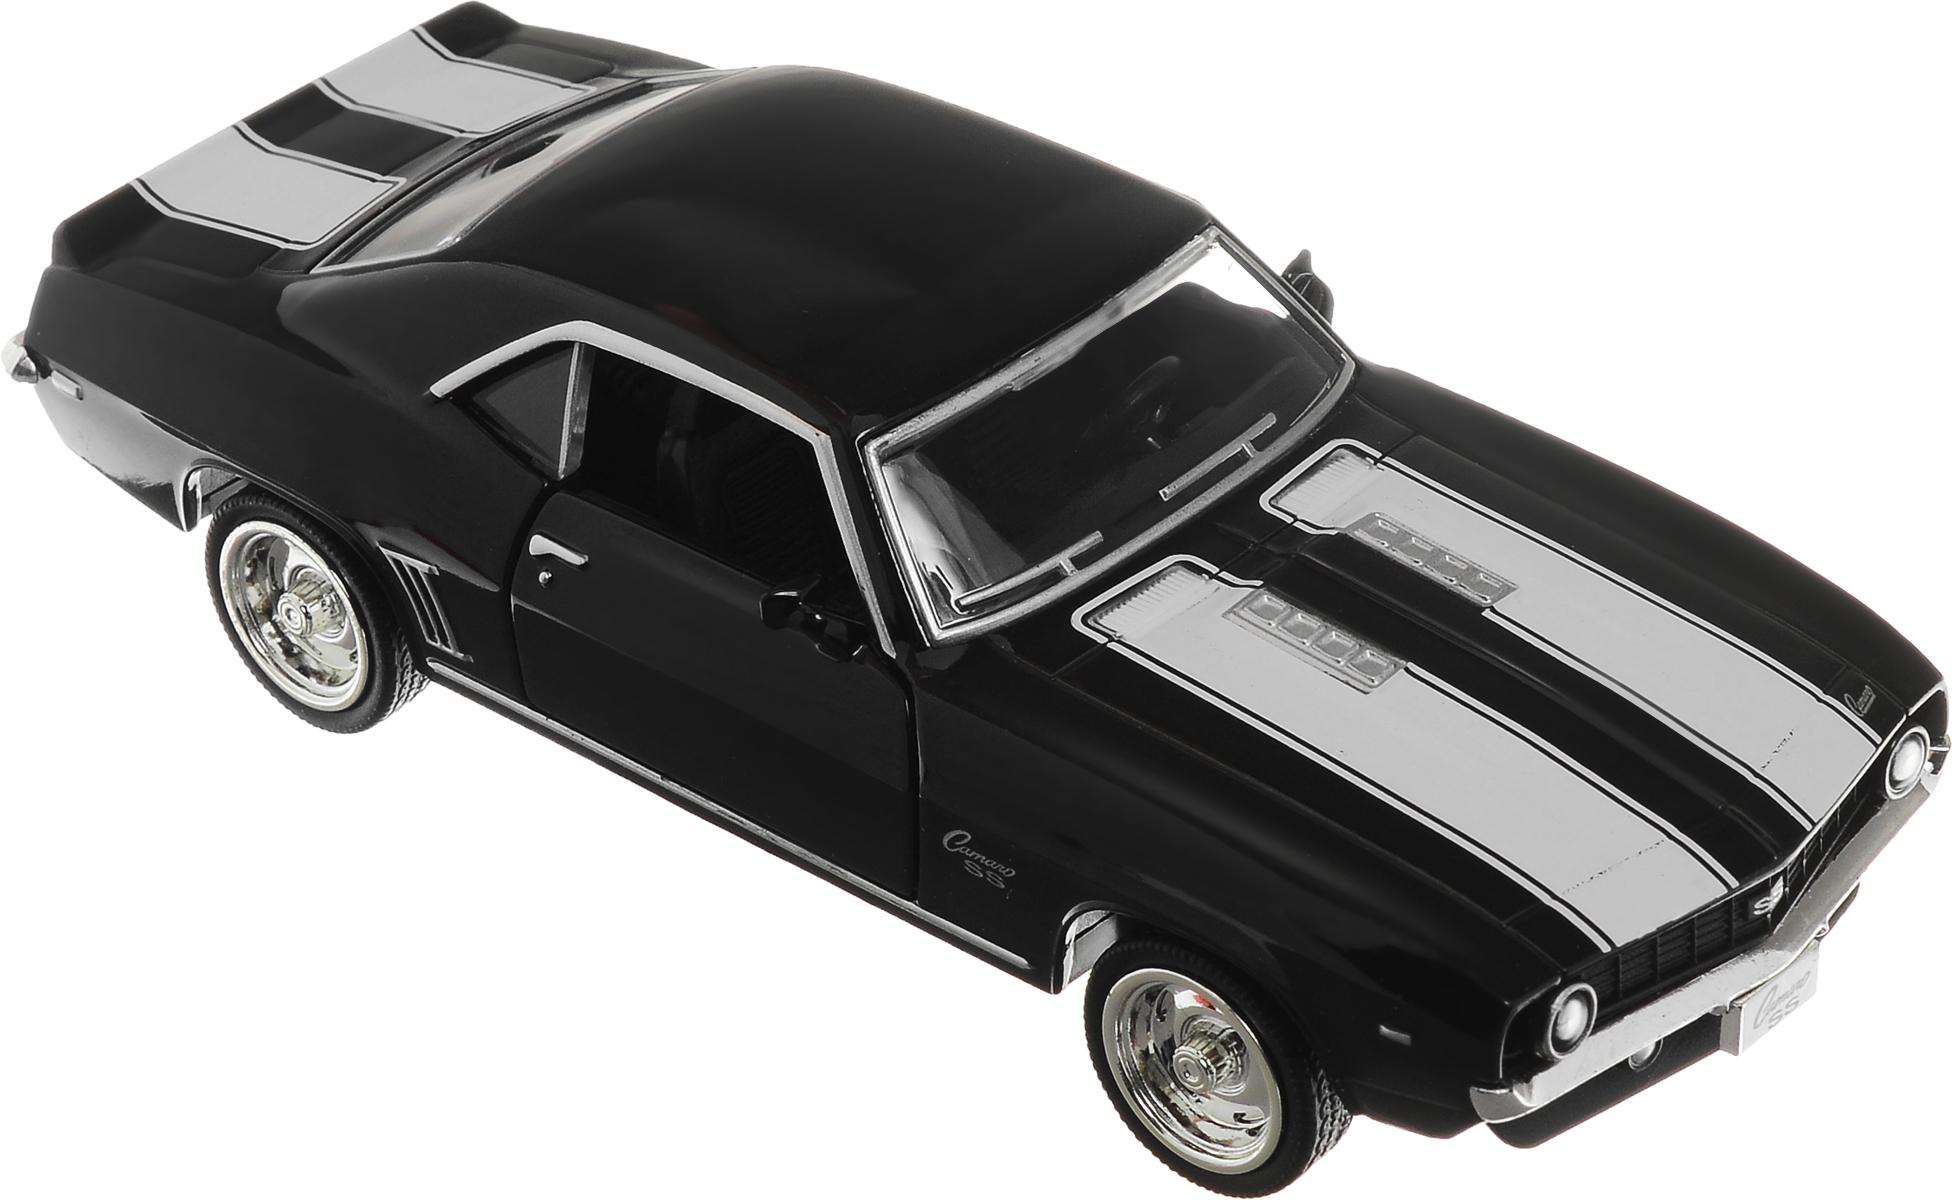 Рыжий Кот Модель автомобиля Chevrolet Camaro SSИ-1236_черныйМодель автомобиля Рыжий Кот Chevrolet Camaro SS будет отличным подарком как ребенку, так и взрослому коллекционеру. Благодаря броской внешности, а также великолепной точности, с которой создатели этой модели масштабом 1:32 передали внешний вид настоящего автомобиля, машинка станет подлинным украшением любой коллекции авто. Машинка будет долго служить своему владельцу благодаря металлическому корпусу с элементами из пластика. Двери машины открываются. Прорезиненные шины обеспечивают отличное сцепление с любой поверхностью пола. Машинка оснащена инерционным механизмом: достаточно немного отвести машинку назад, а затем отпустить, и она быстро поедет вперед. Модель автомобиля Рыжий Кот Chevrolet Camaro SS обязательно понравится вашему ребенку и станет достойным экспонатом любой коллекции.